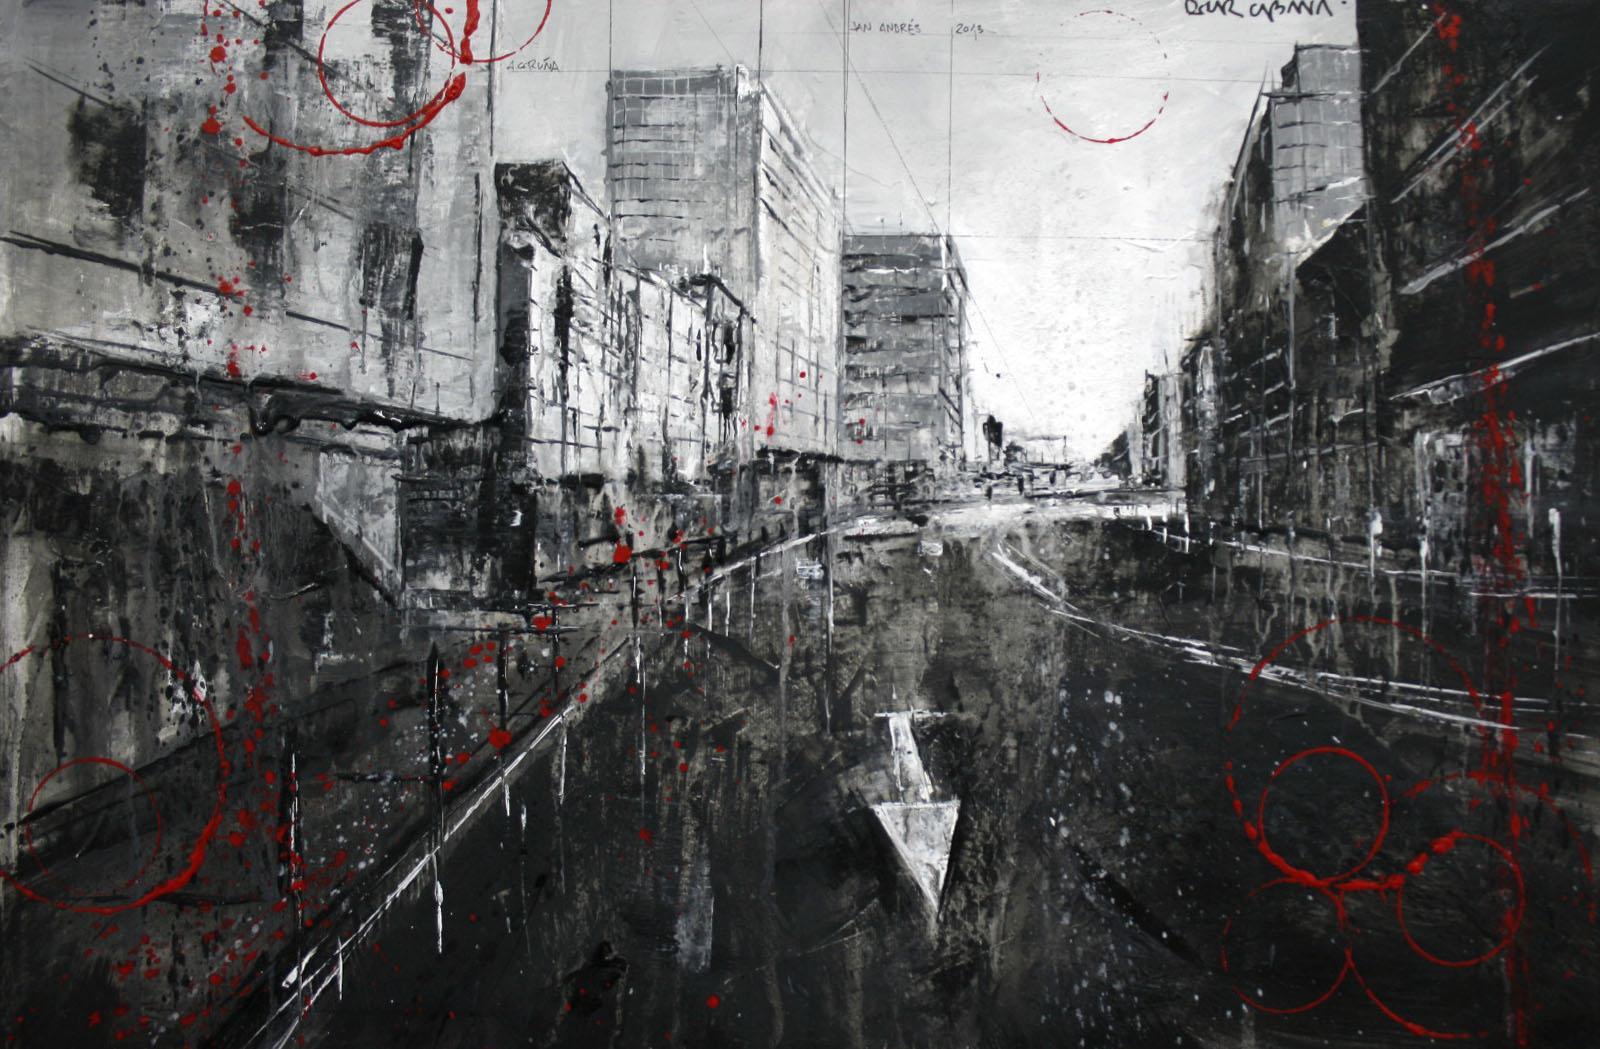 724_san andrés_60x40cm_mixta sobre lienzo